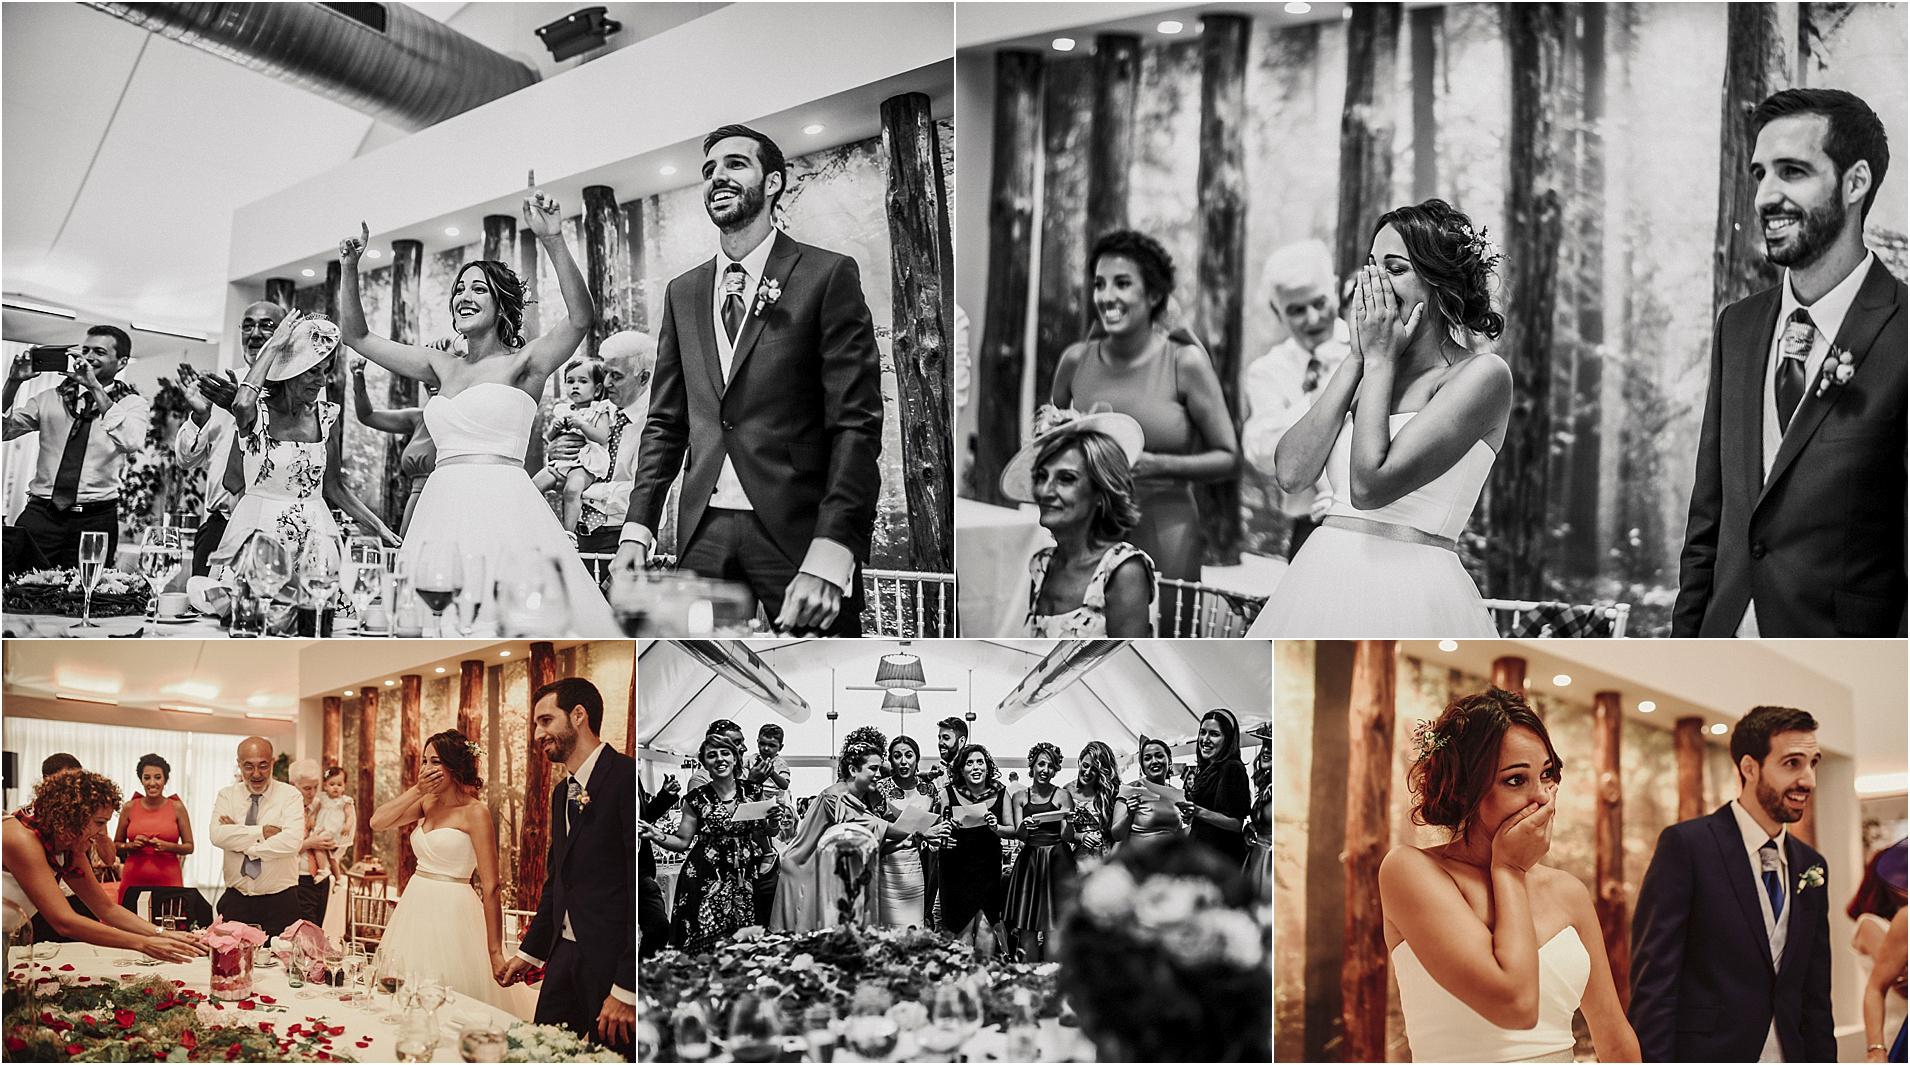 Fotografos-de-boda-donostia-zaragoza-san-sebastian-destination-wedding-photographer-98.jpg